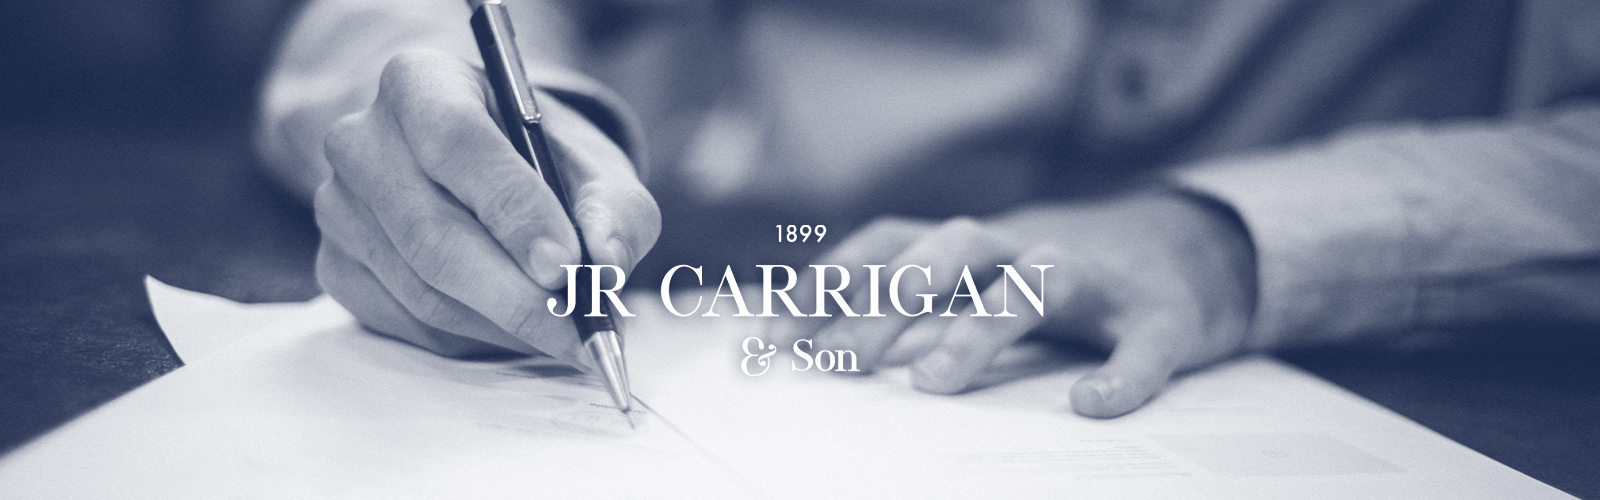 JR Carrigan & Son